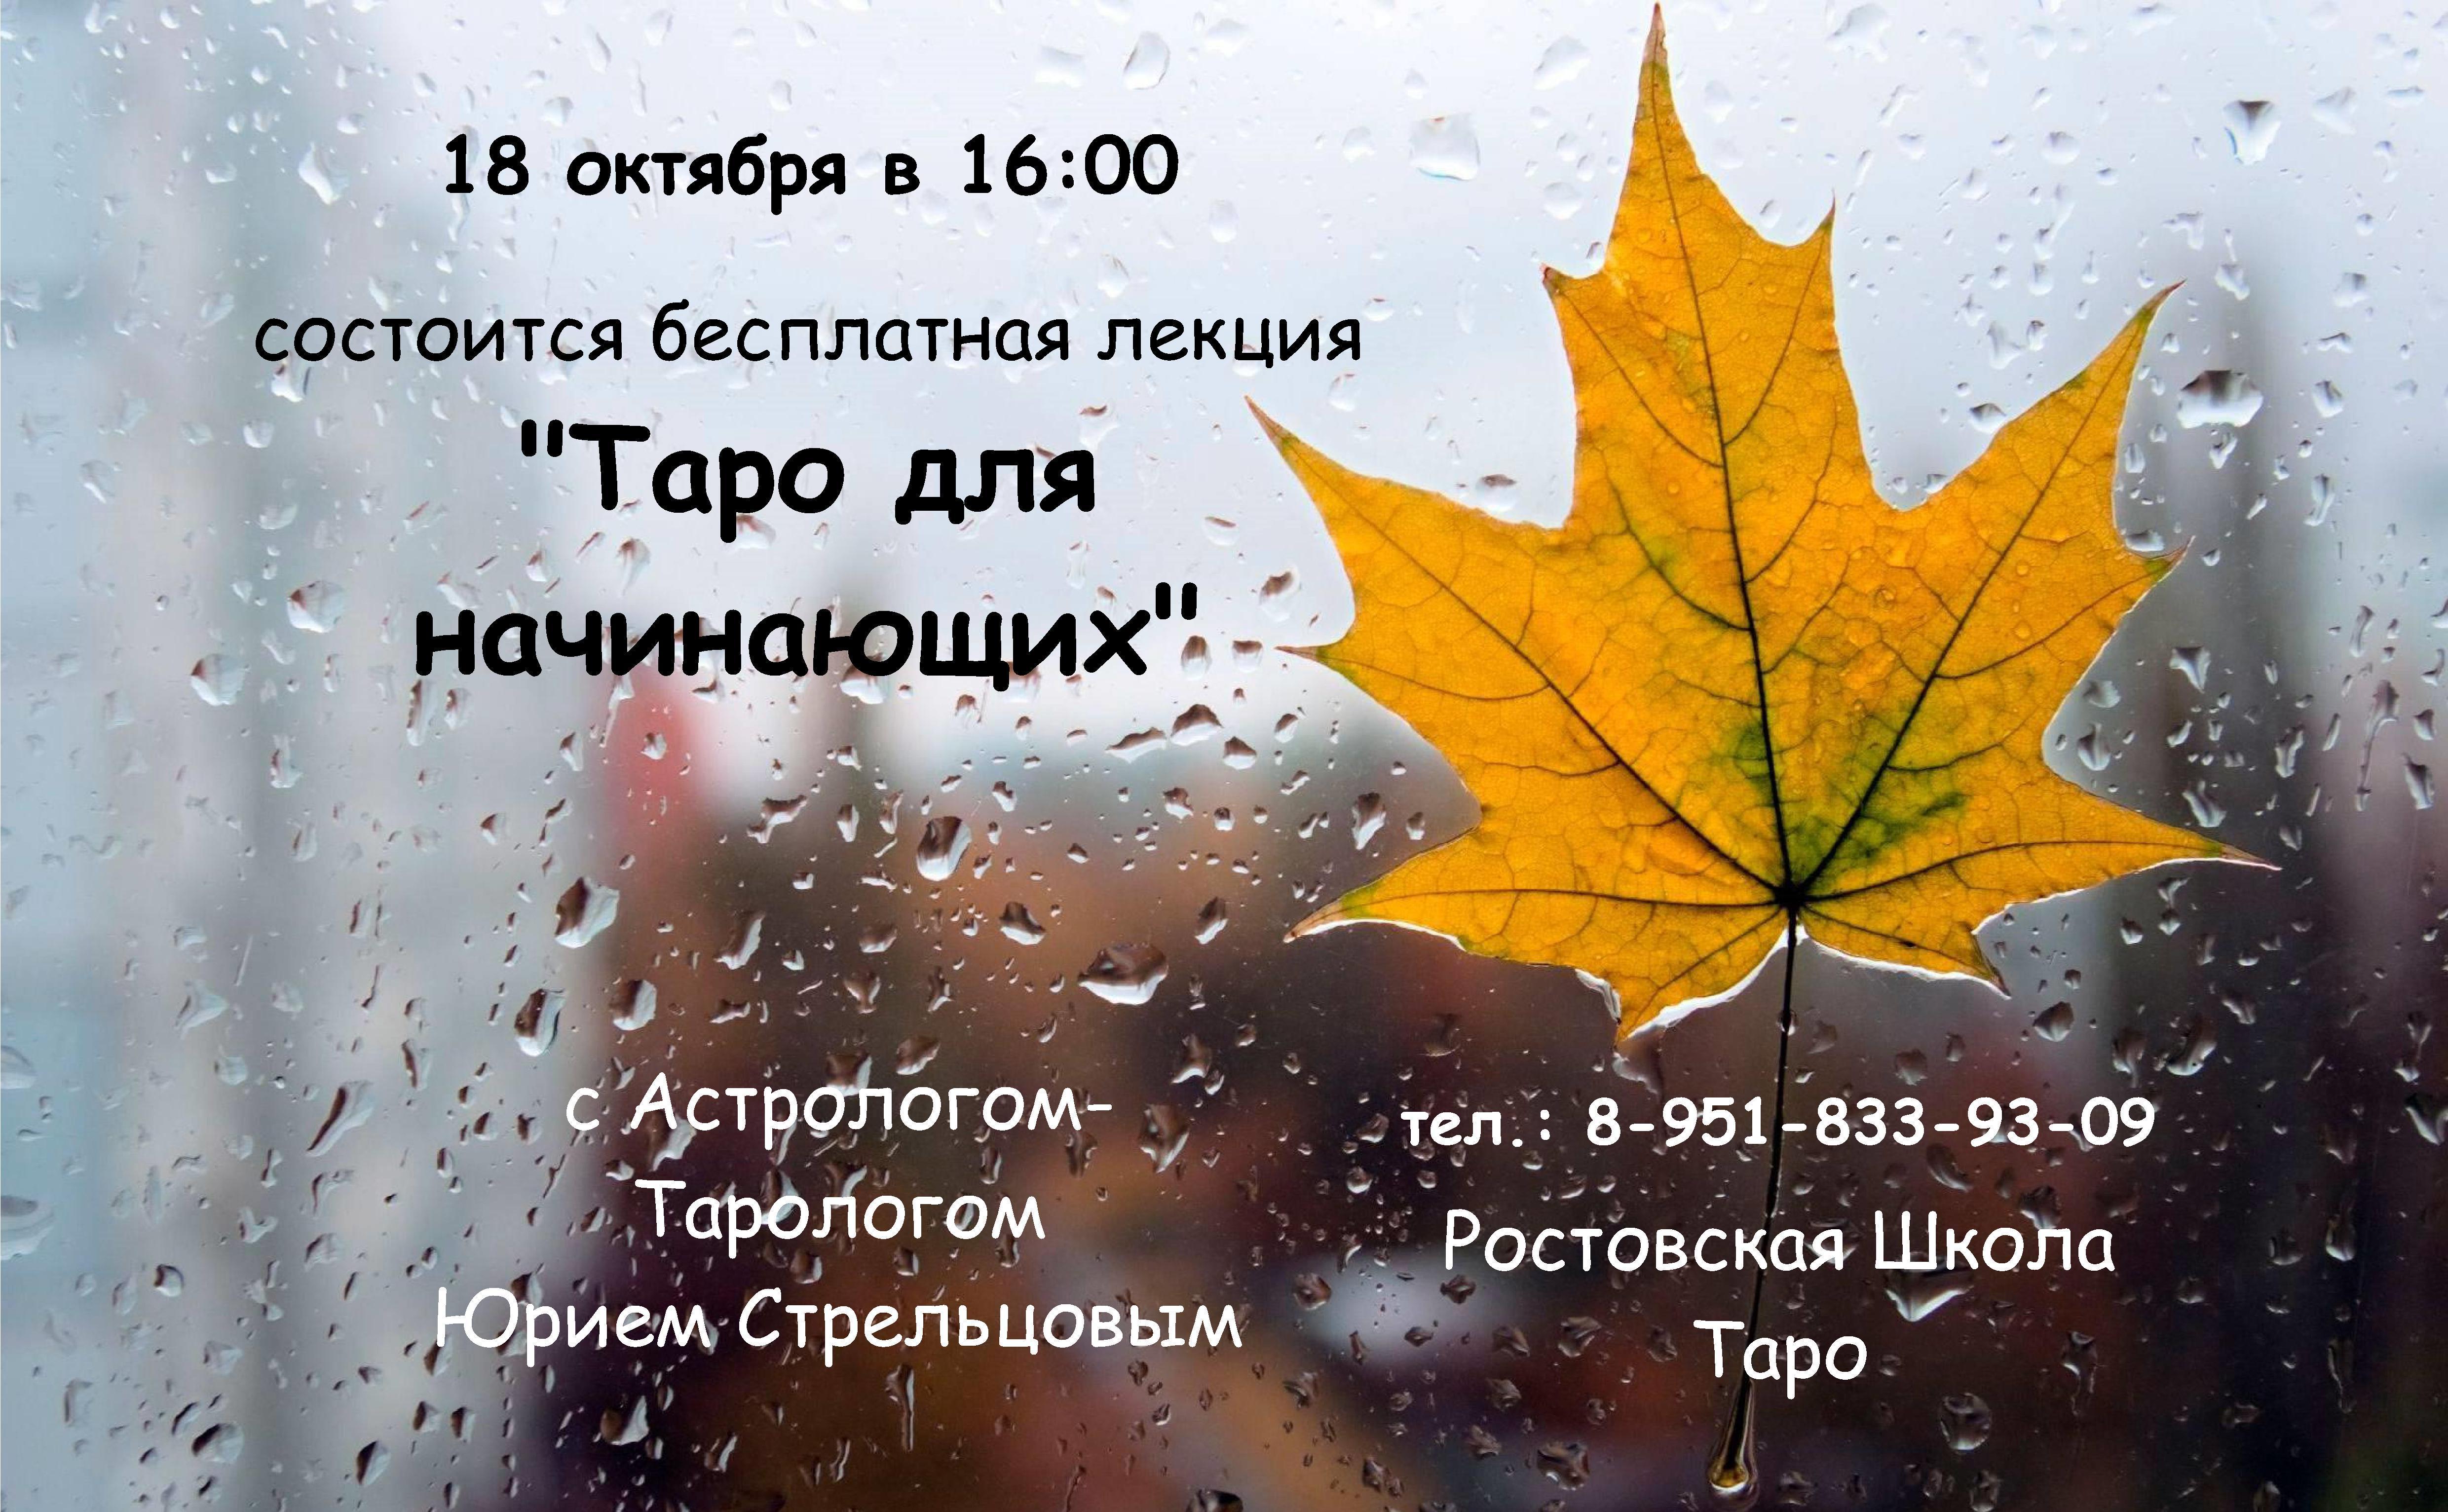 vvodnaja_lekcija-taro_dlja_nachinajushhi.jpg